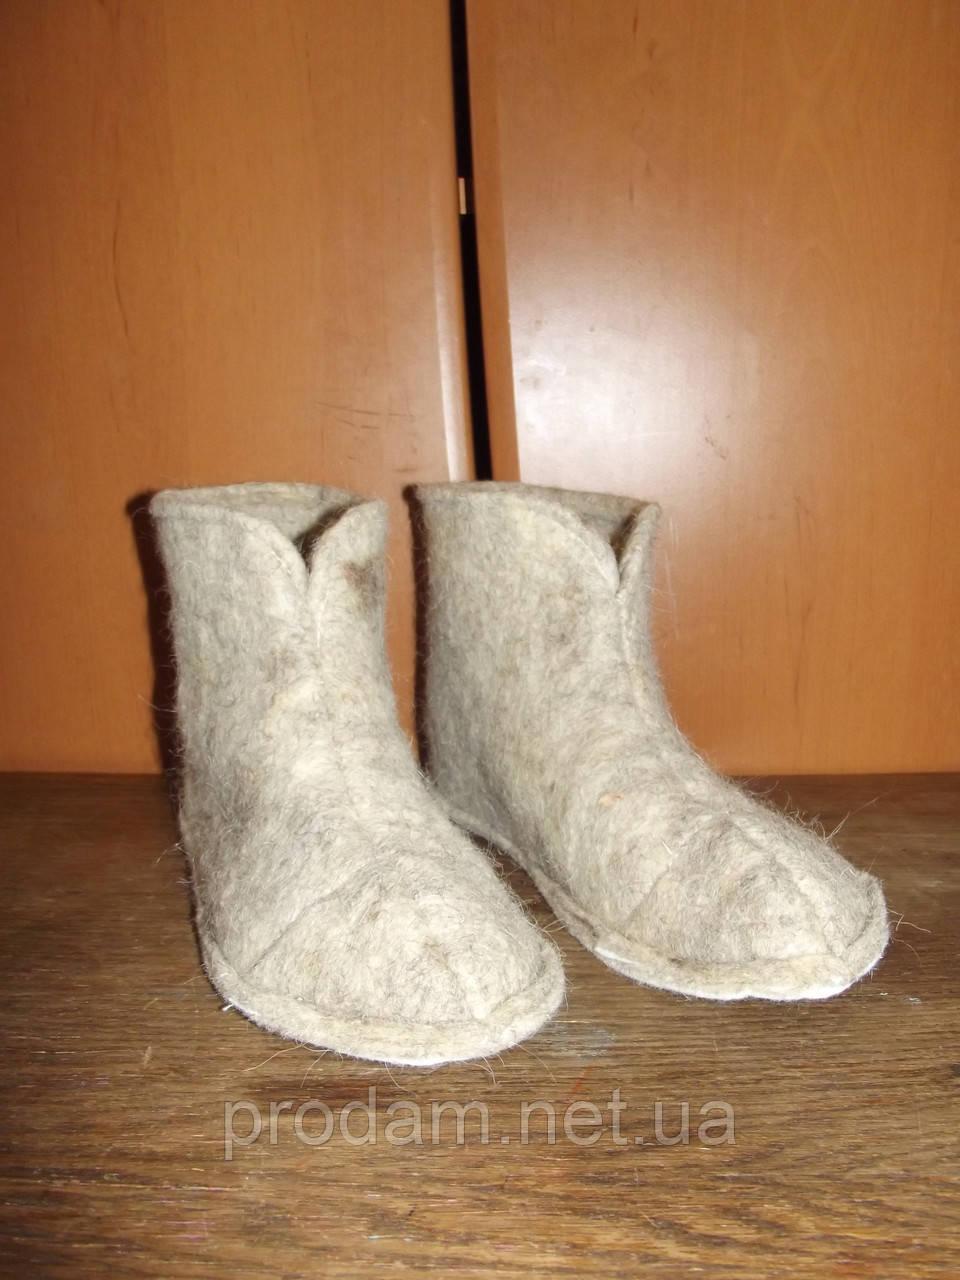 Вставки в чоботи теплі